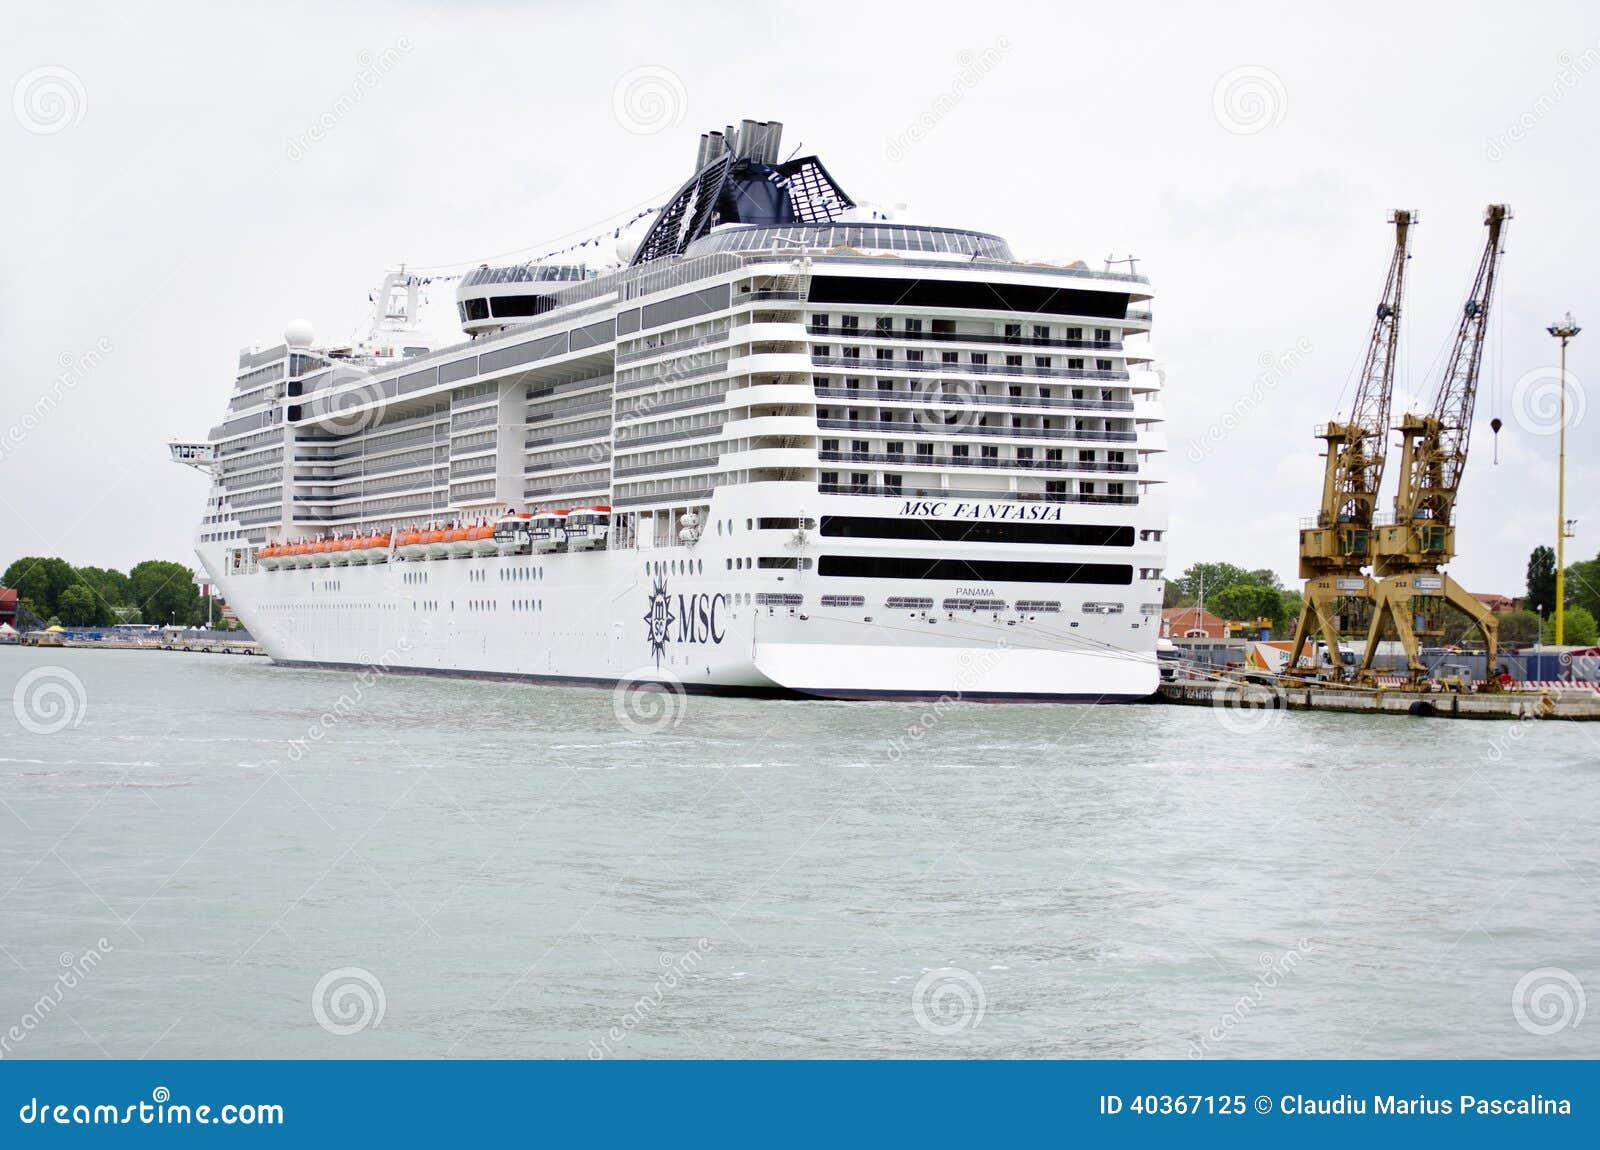 Bateau de croisi re dans le port de venise italie image ditorial image du grand dommages - Hotel venise port croisiere ...